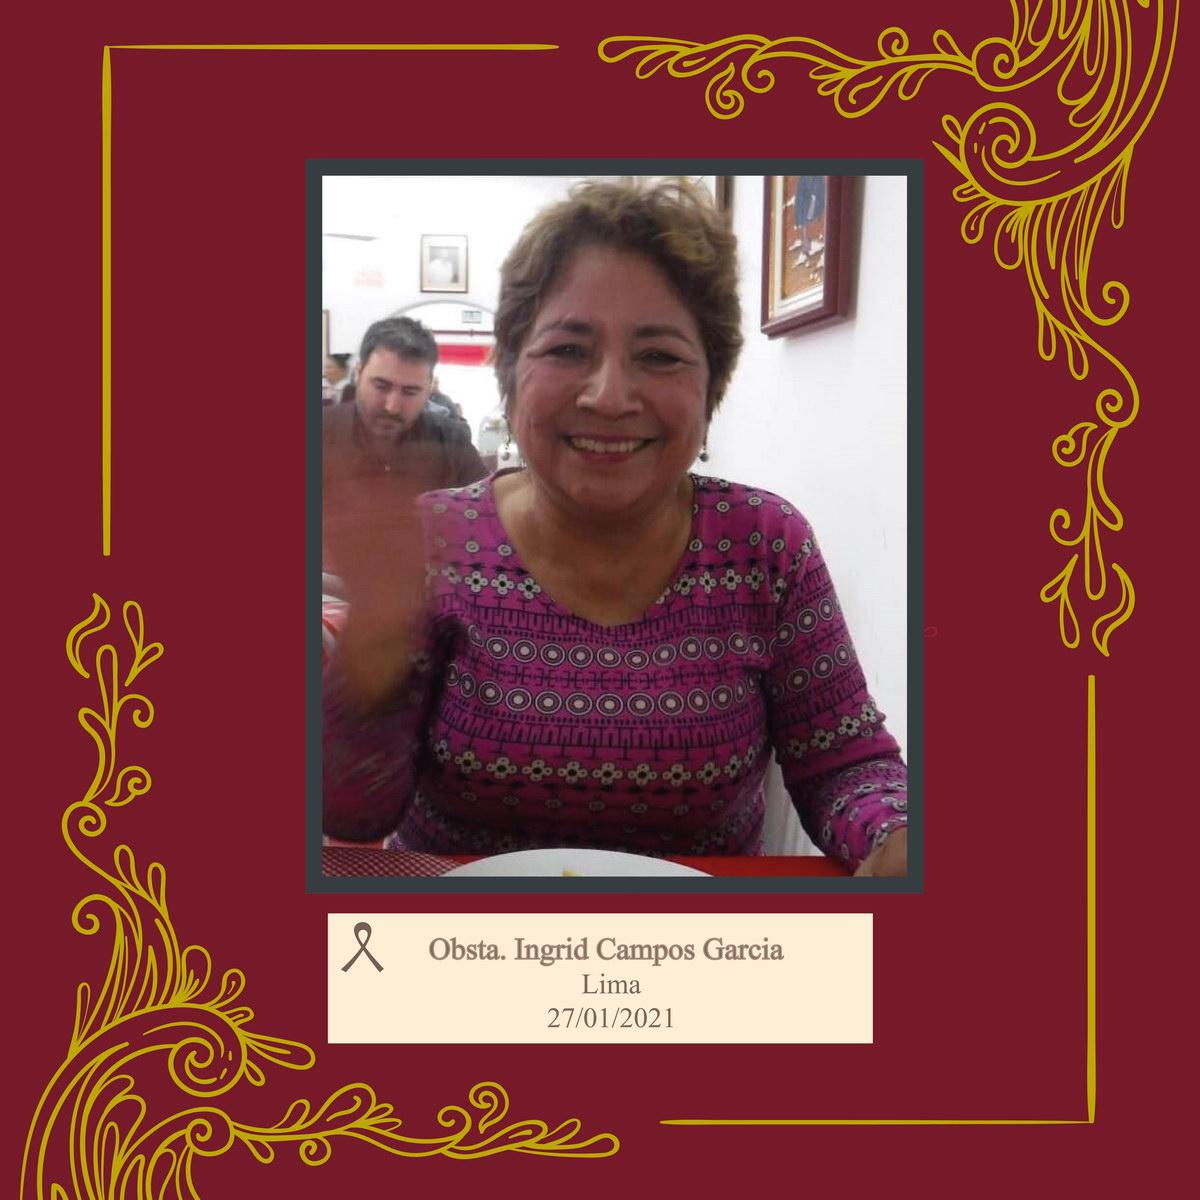 Ingrid Campos Garcia